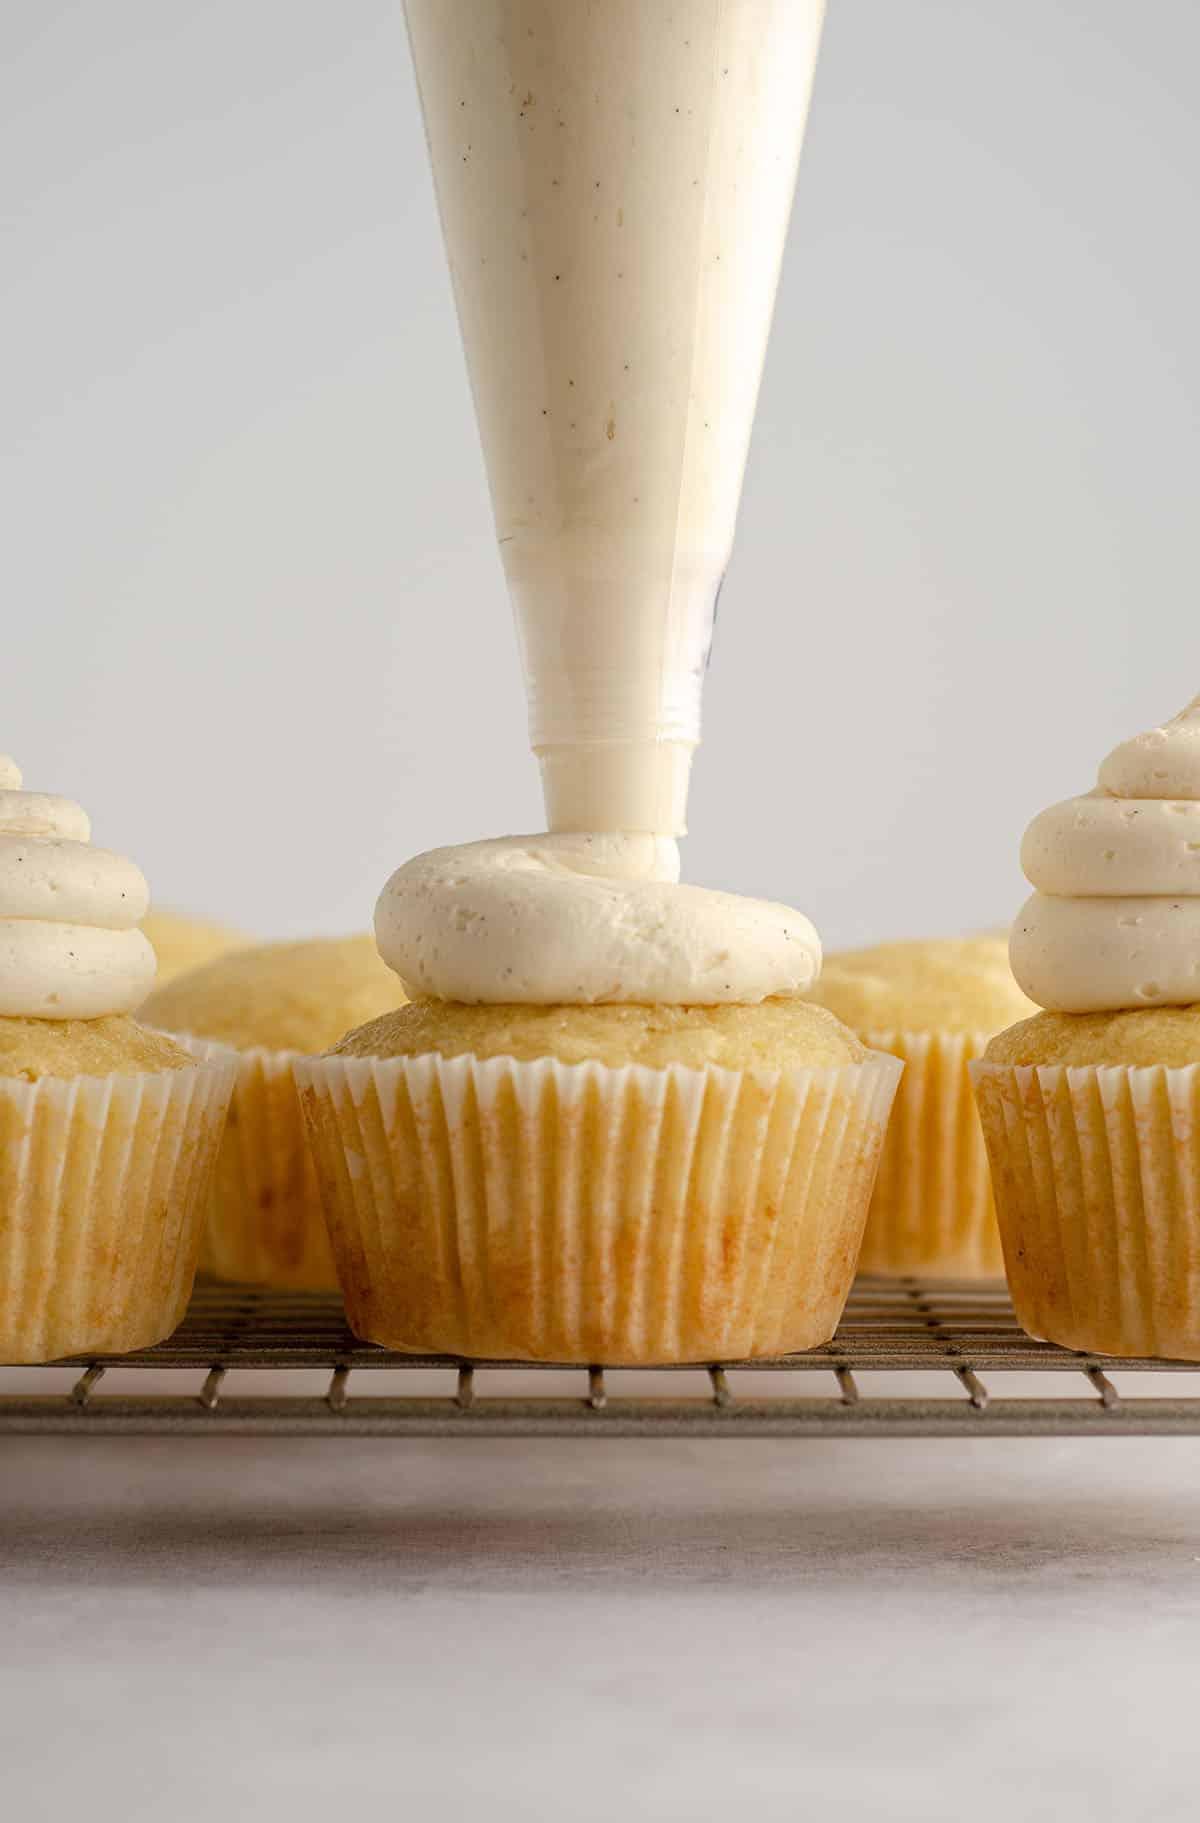 a piping bag piping vanilla buttercream onto the top of a vanilla bean cupcake